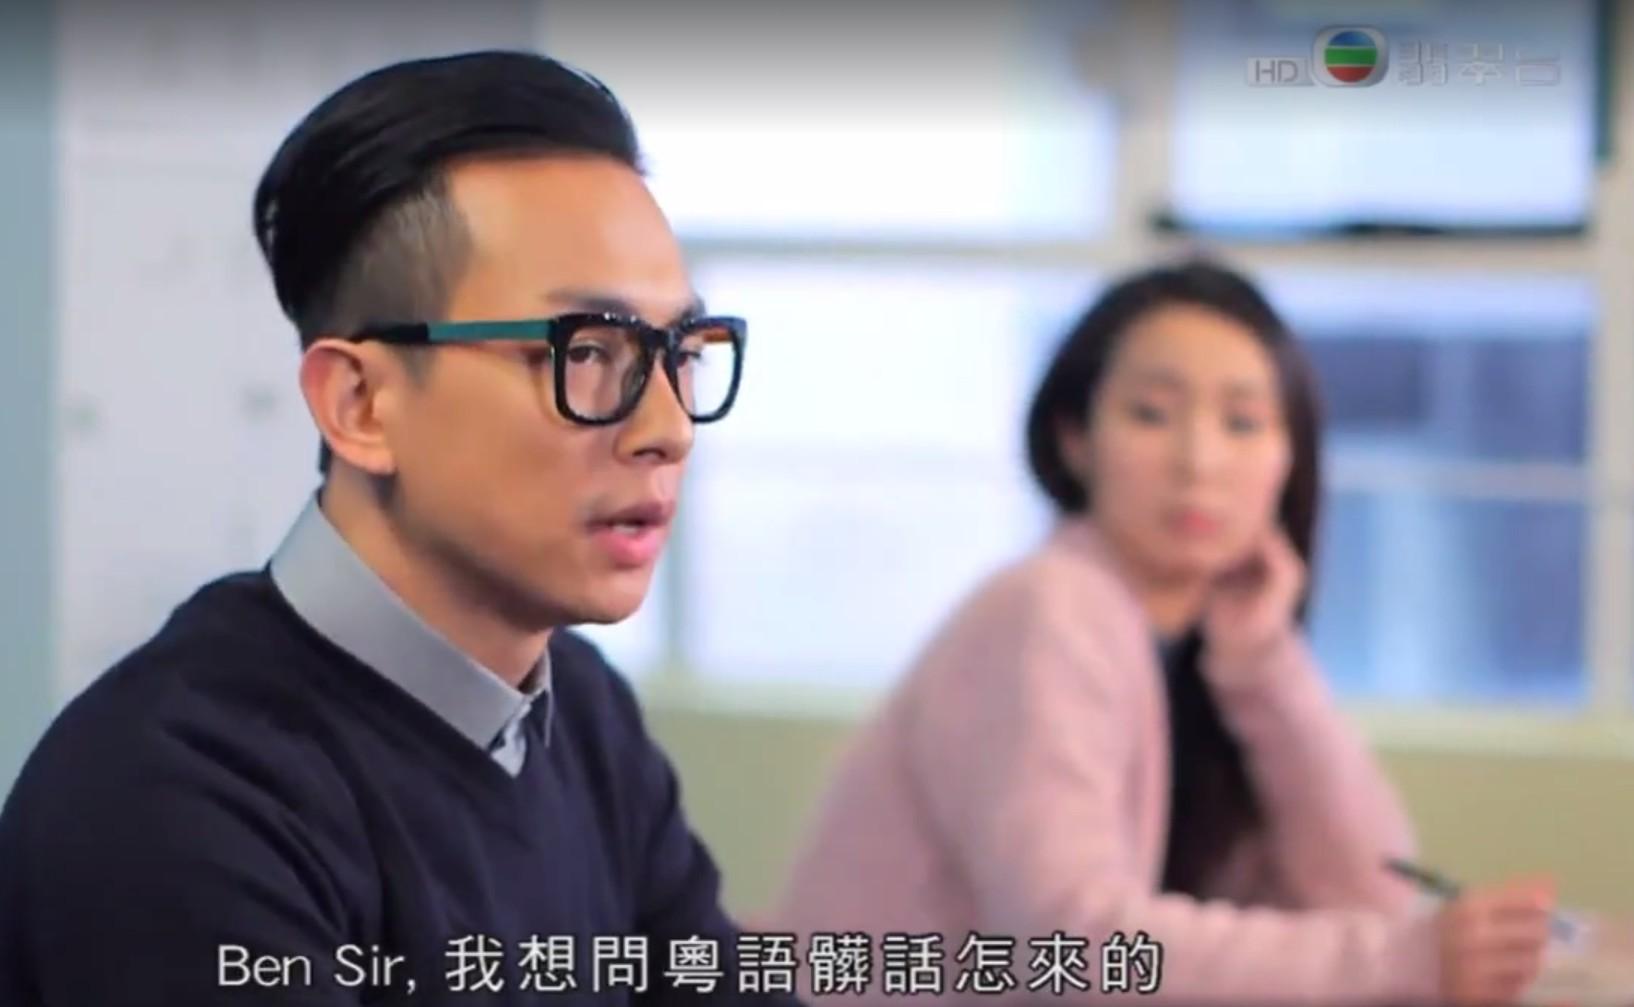 許多網民看見他都想顯示自己的社交力。 圖片來源:電視截圖